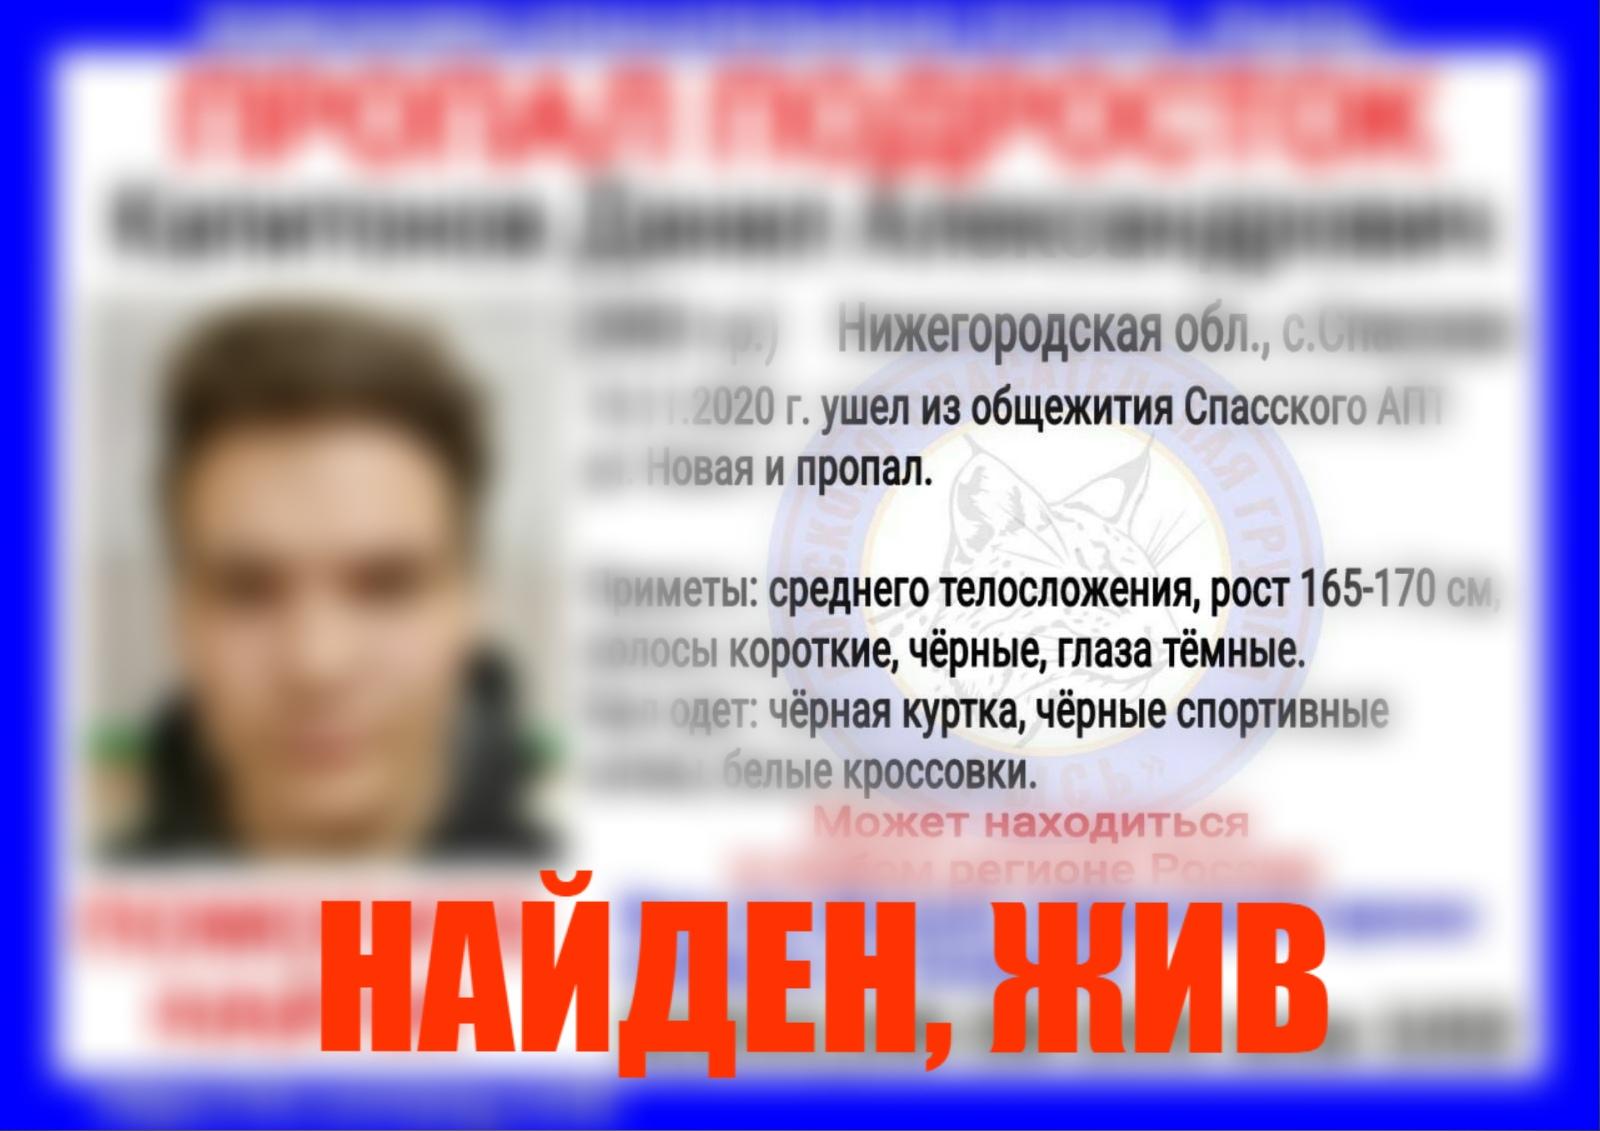 Капитонов Данил Александрович, 2003 г. р., с. Спасское